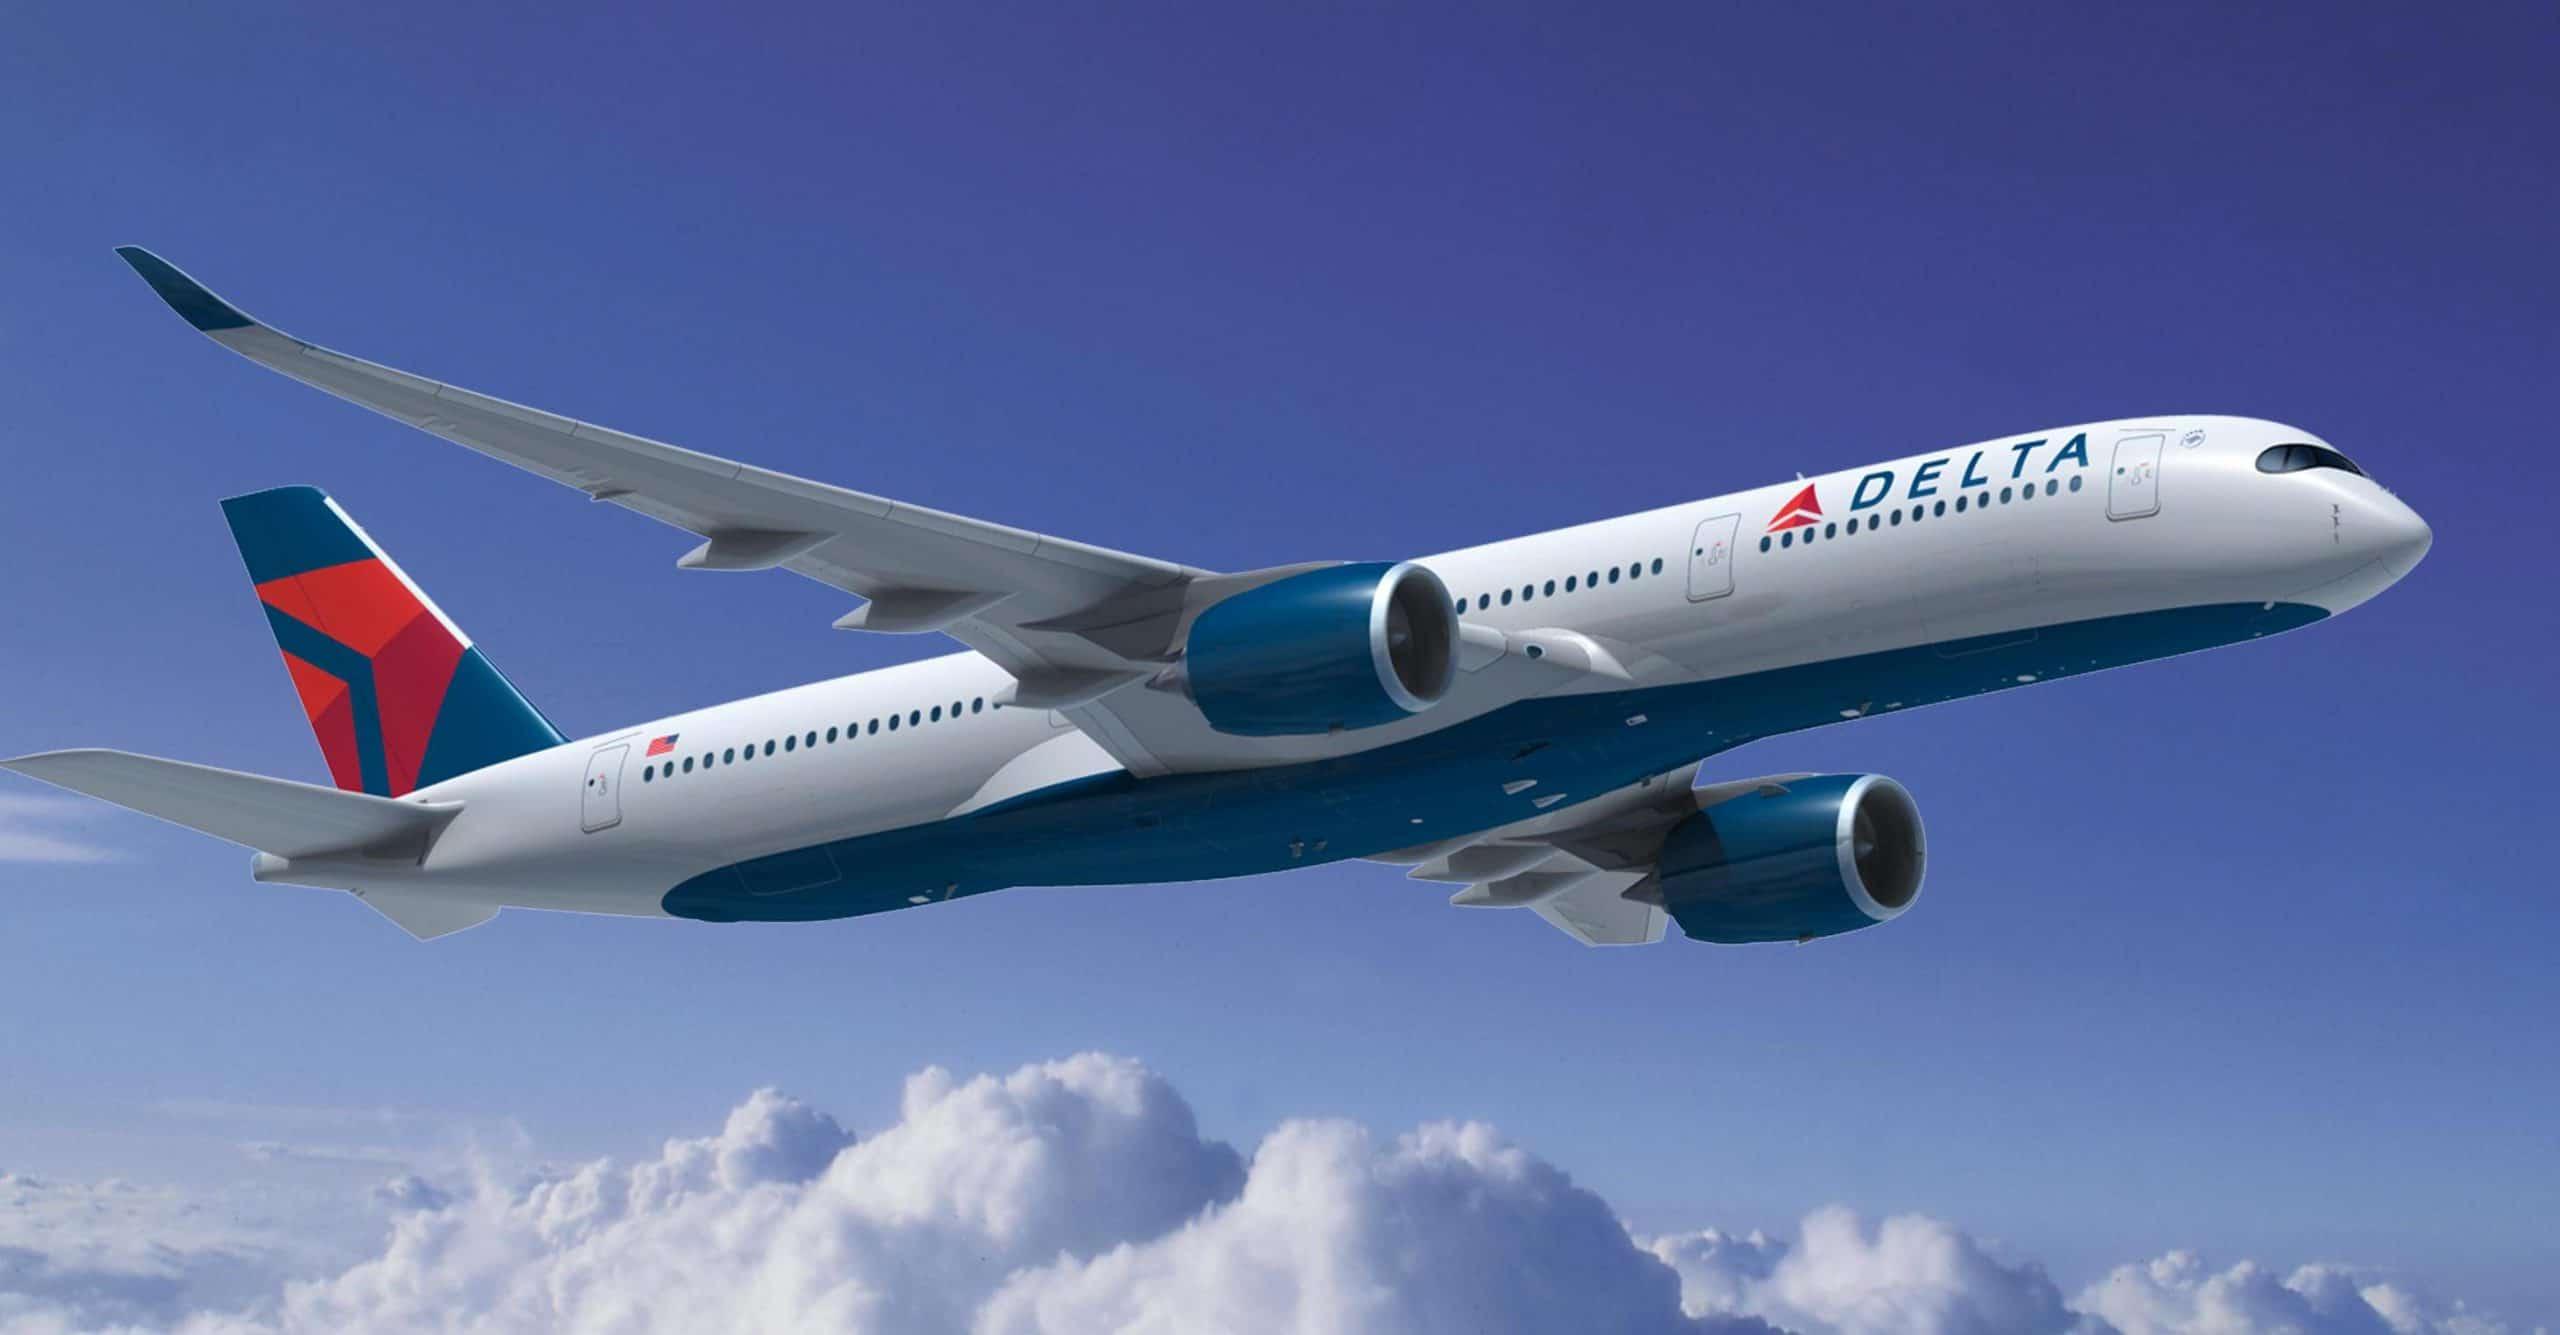 volo Delta airlines per test richio contagio